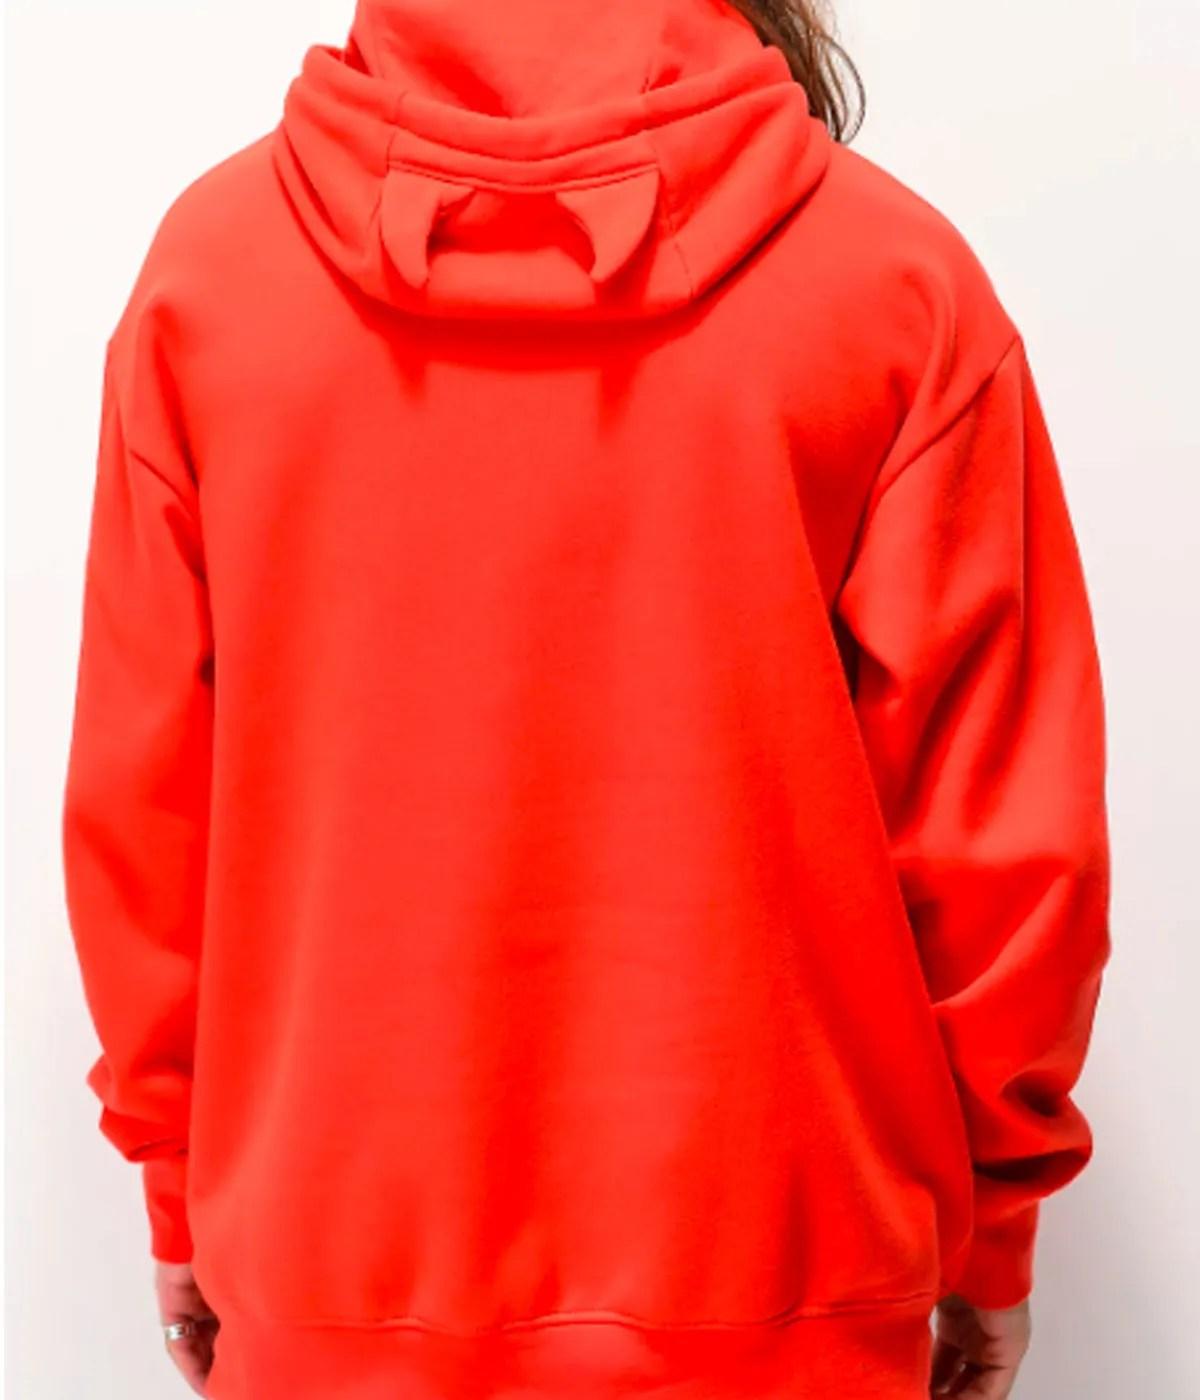 goodie-horn-red-hoodie